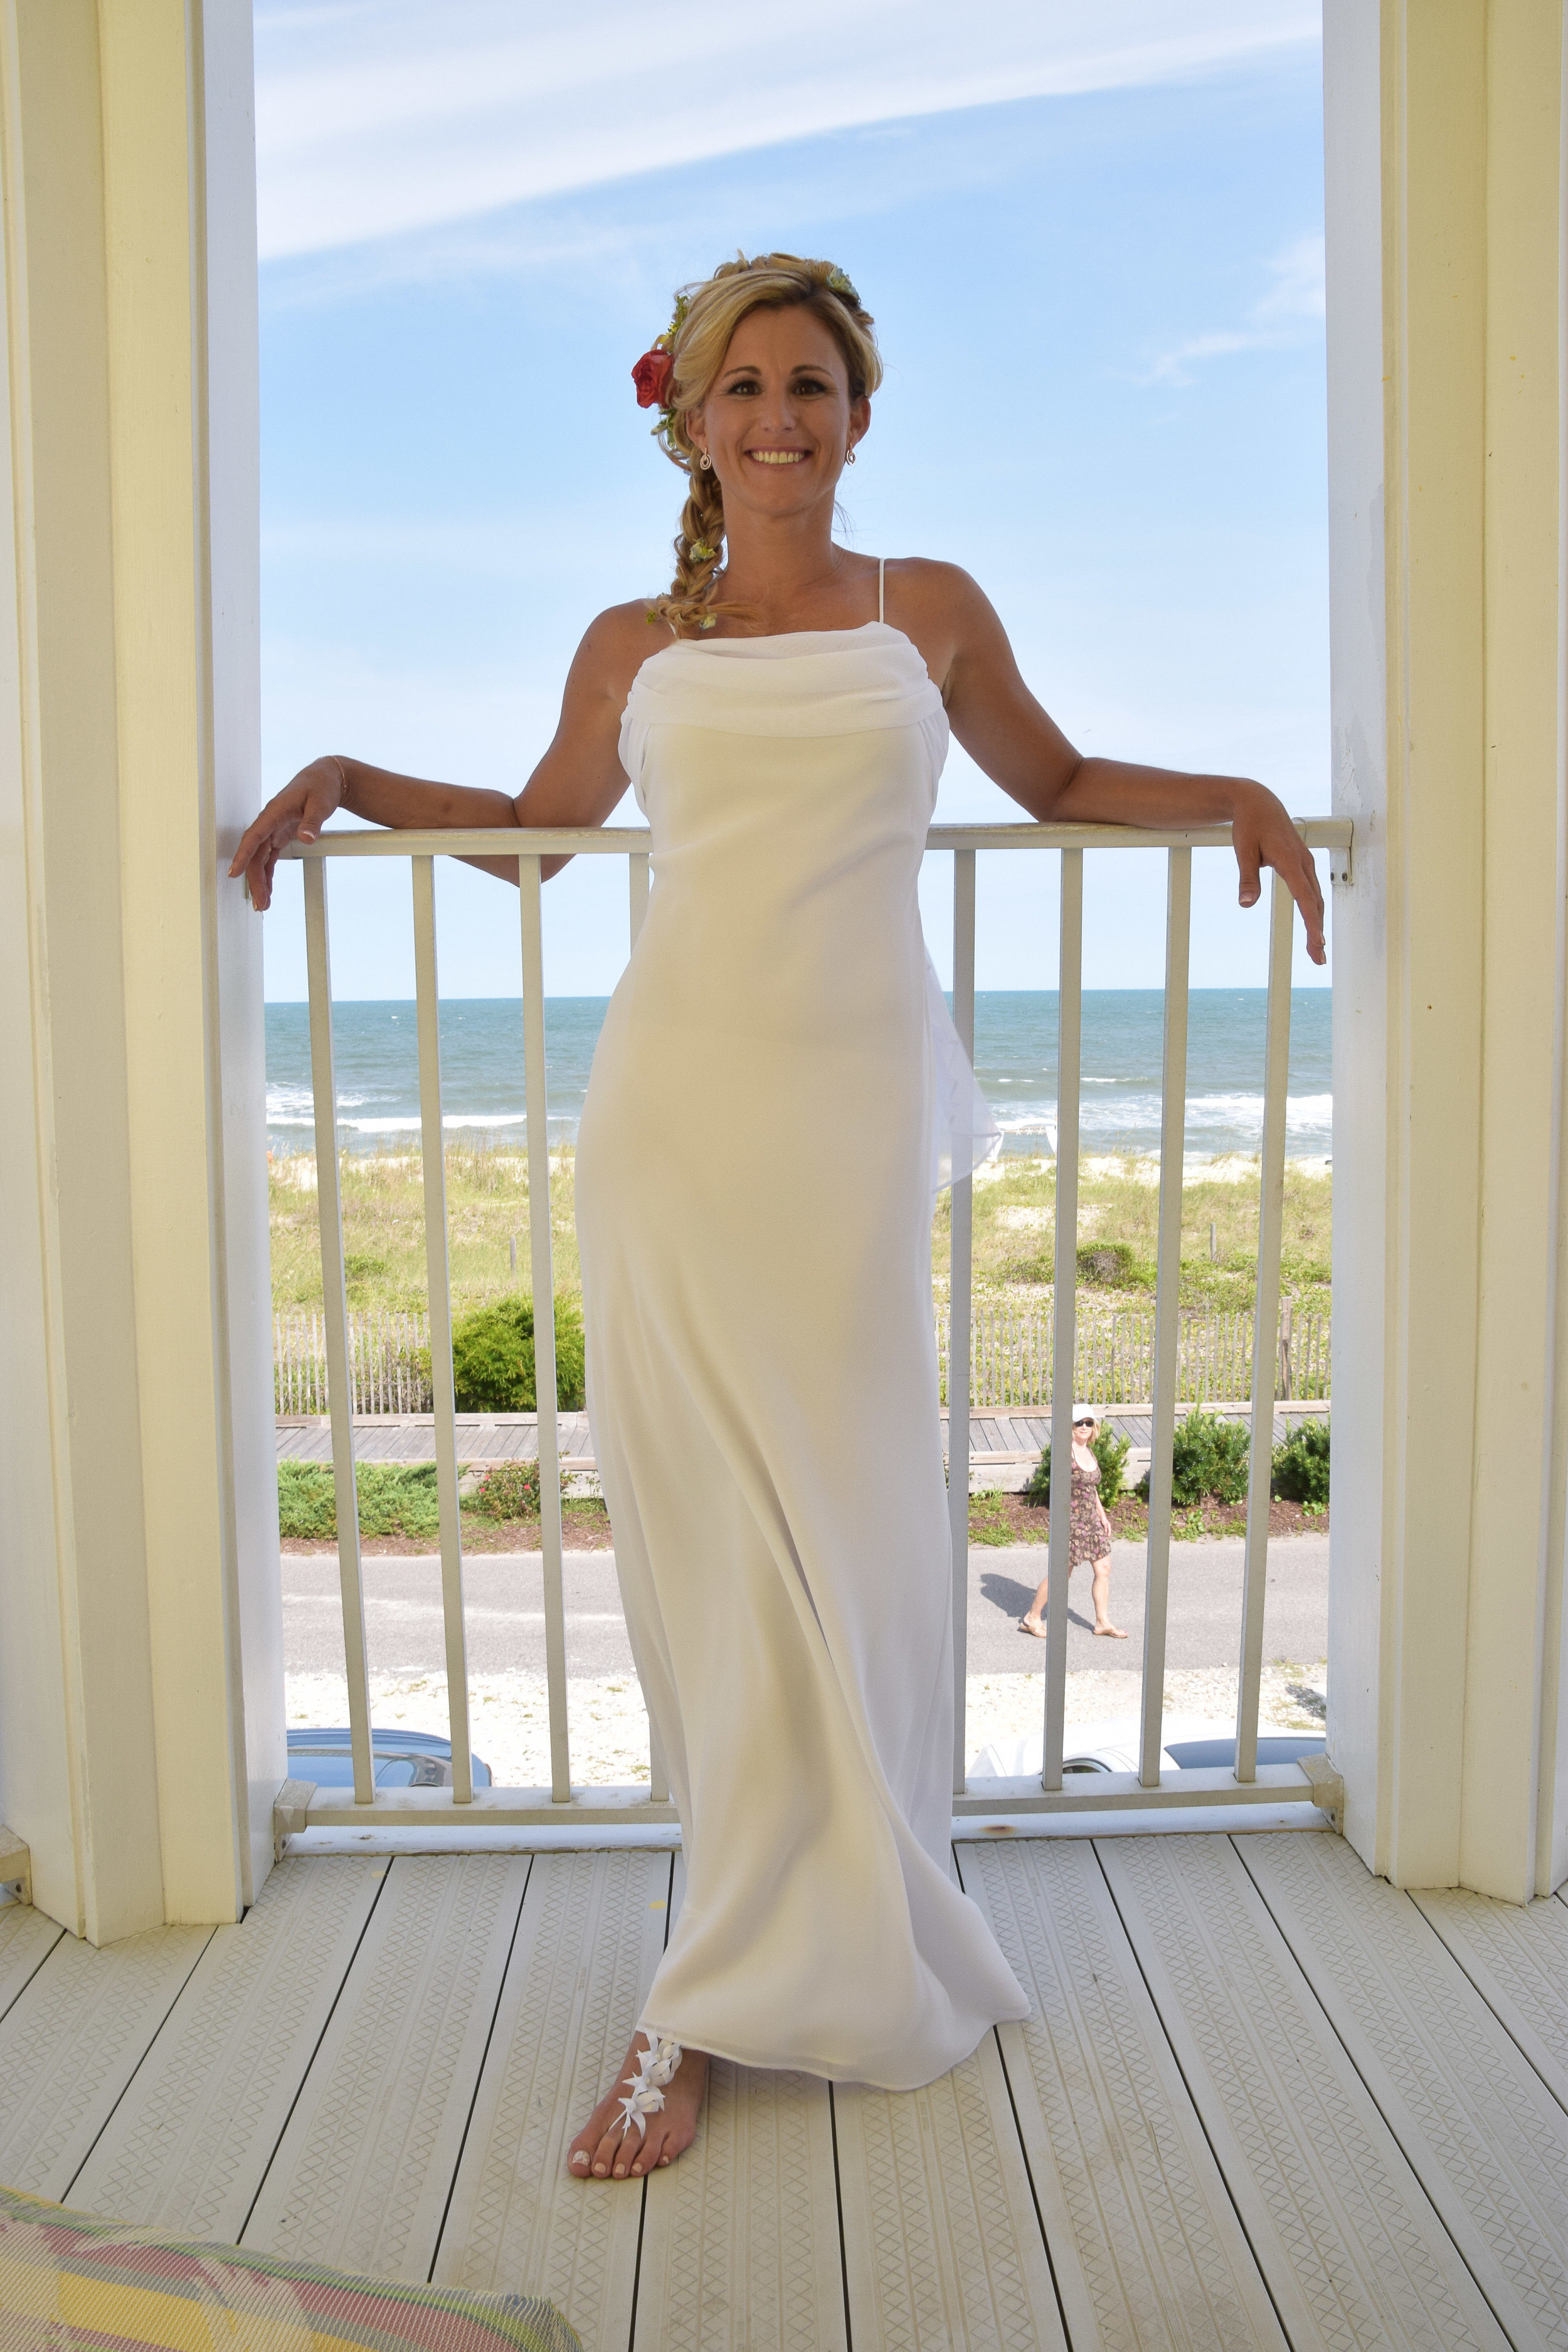 Bride casually posing before wedding.